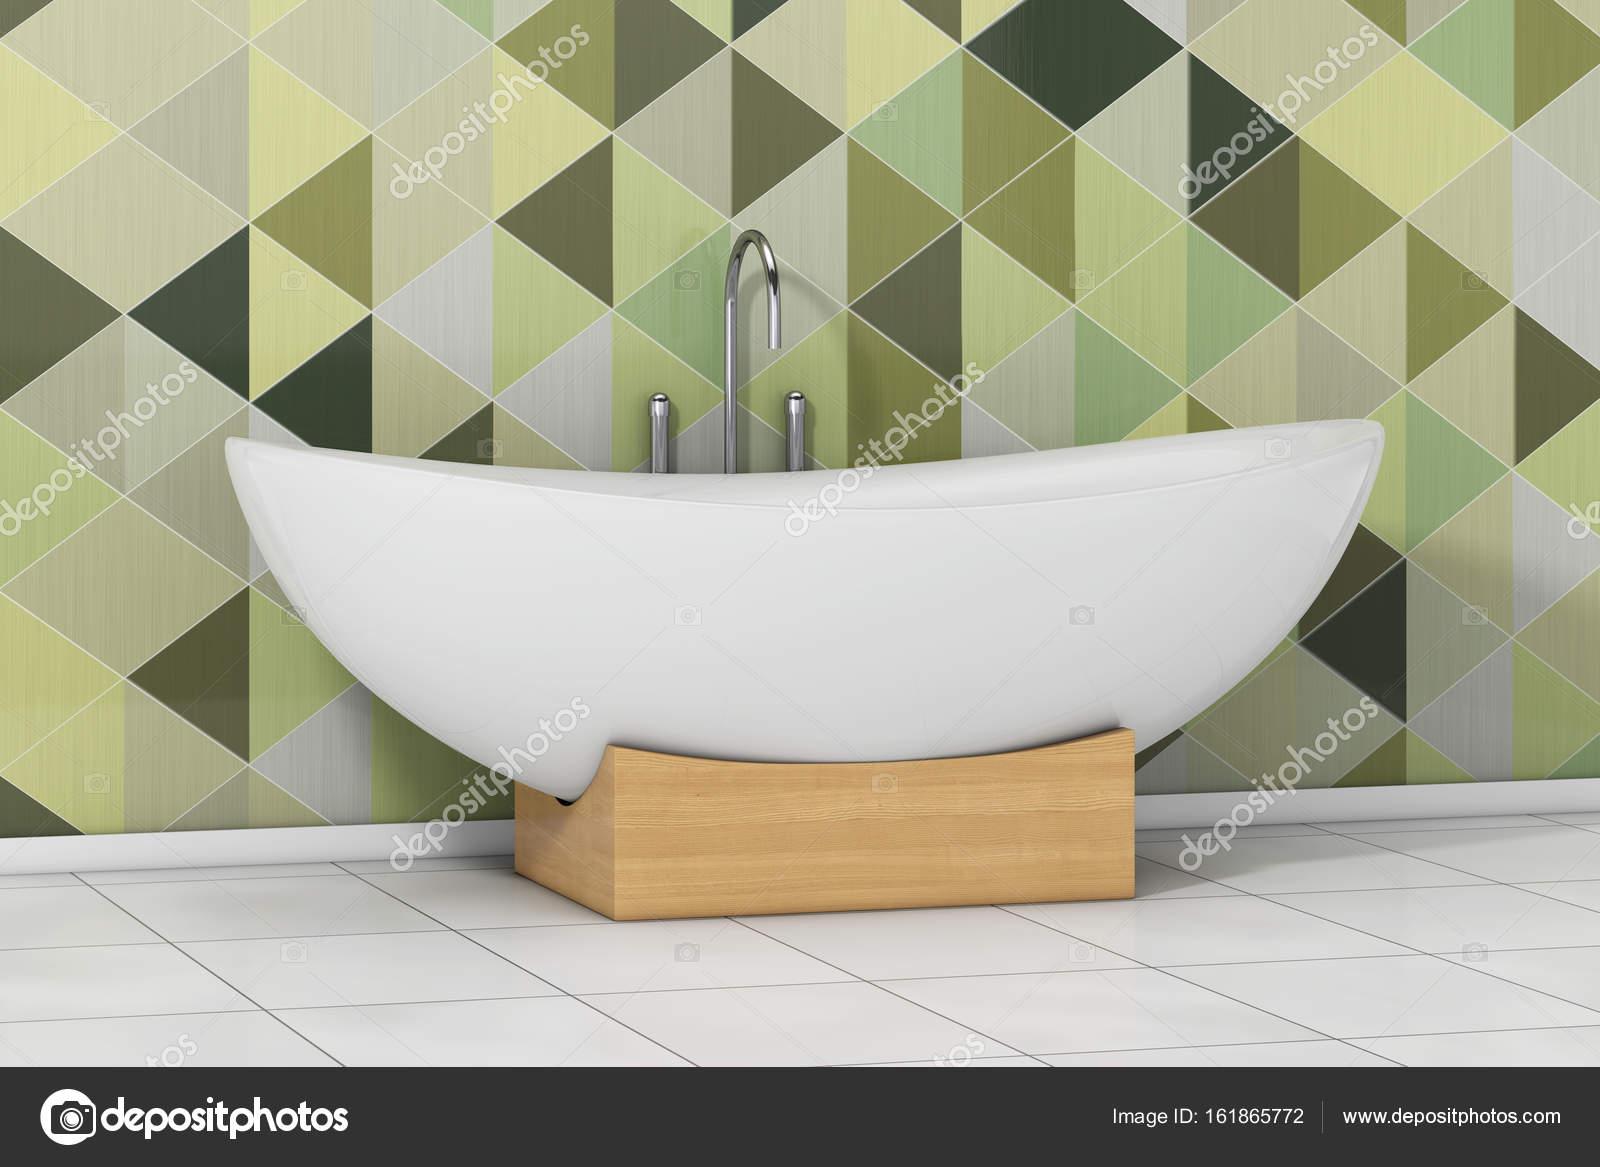 Moderne Blanc Baignoire Devant Geometrique Carreaux Vert Olive